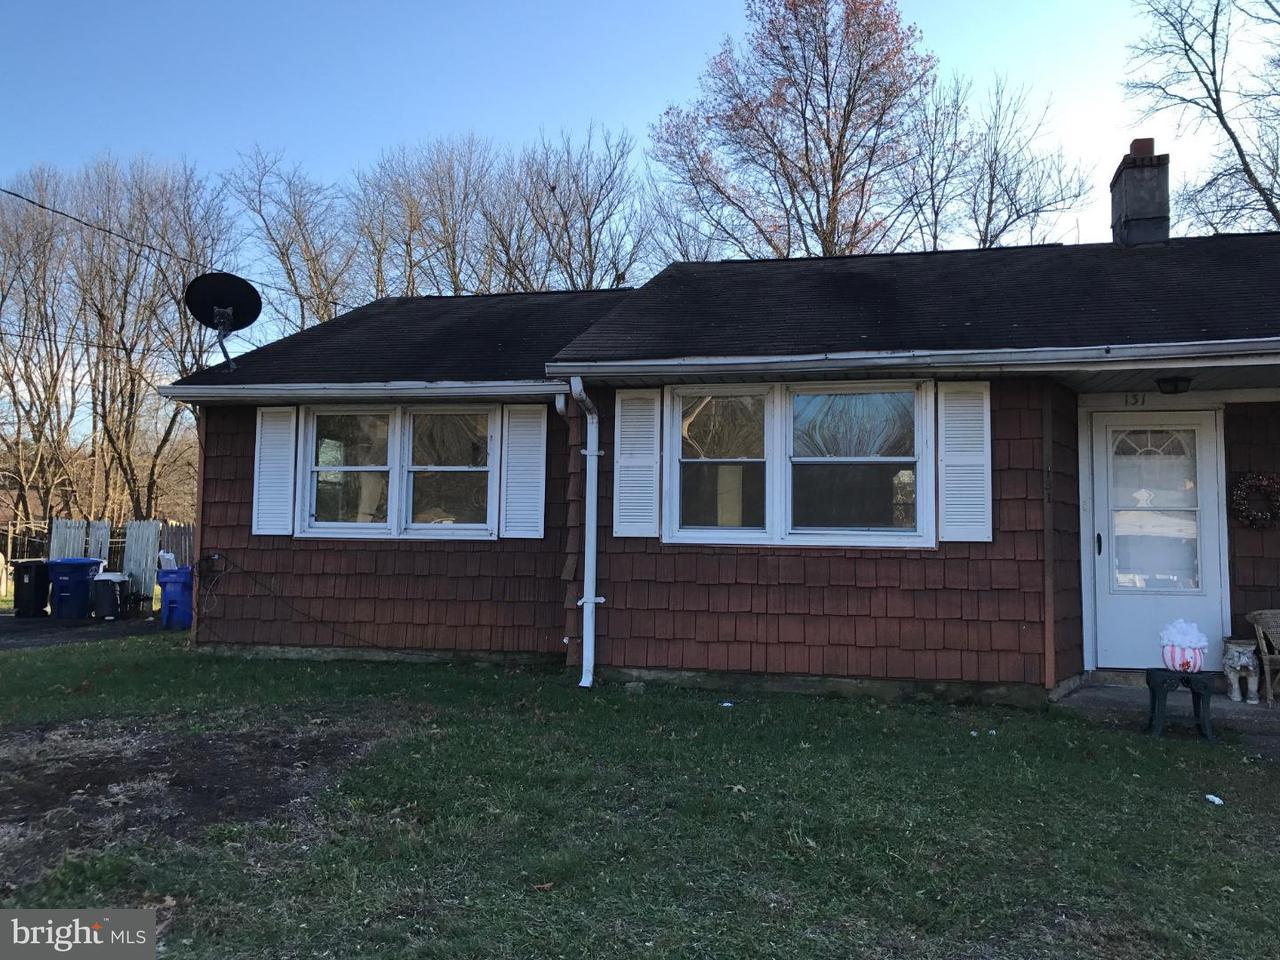 联栋屋 为 出租 在 131 LEMMON AVE #131 Pemberton, 新泽西州 08068 美国